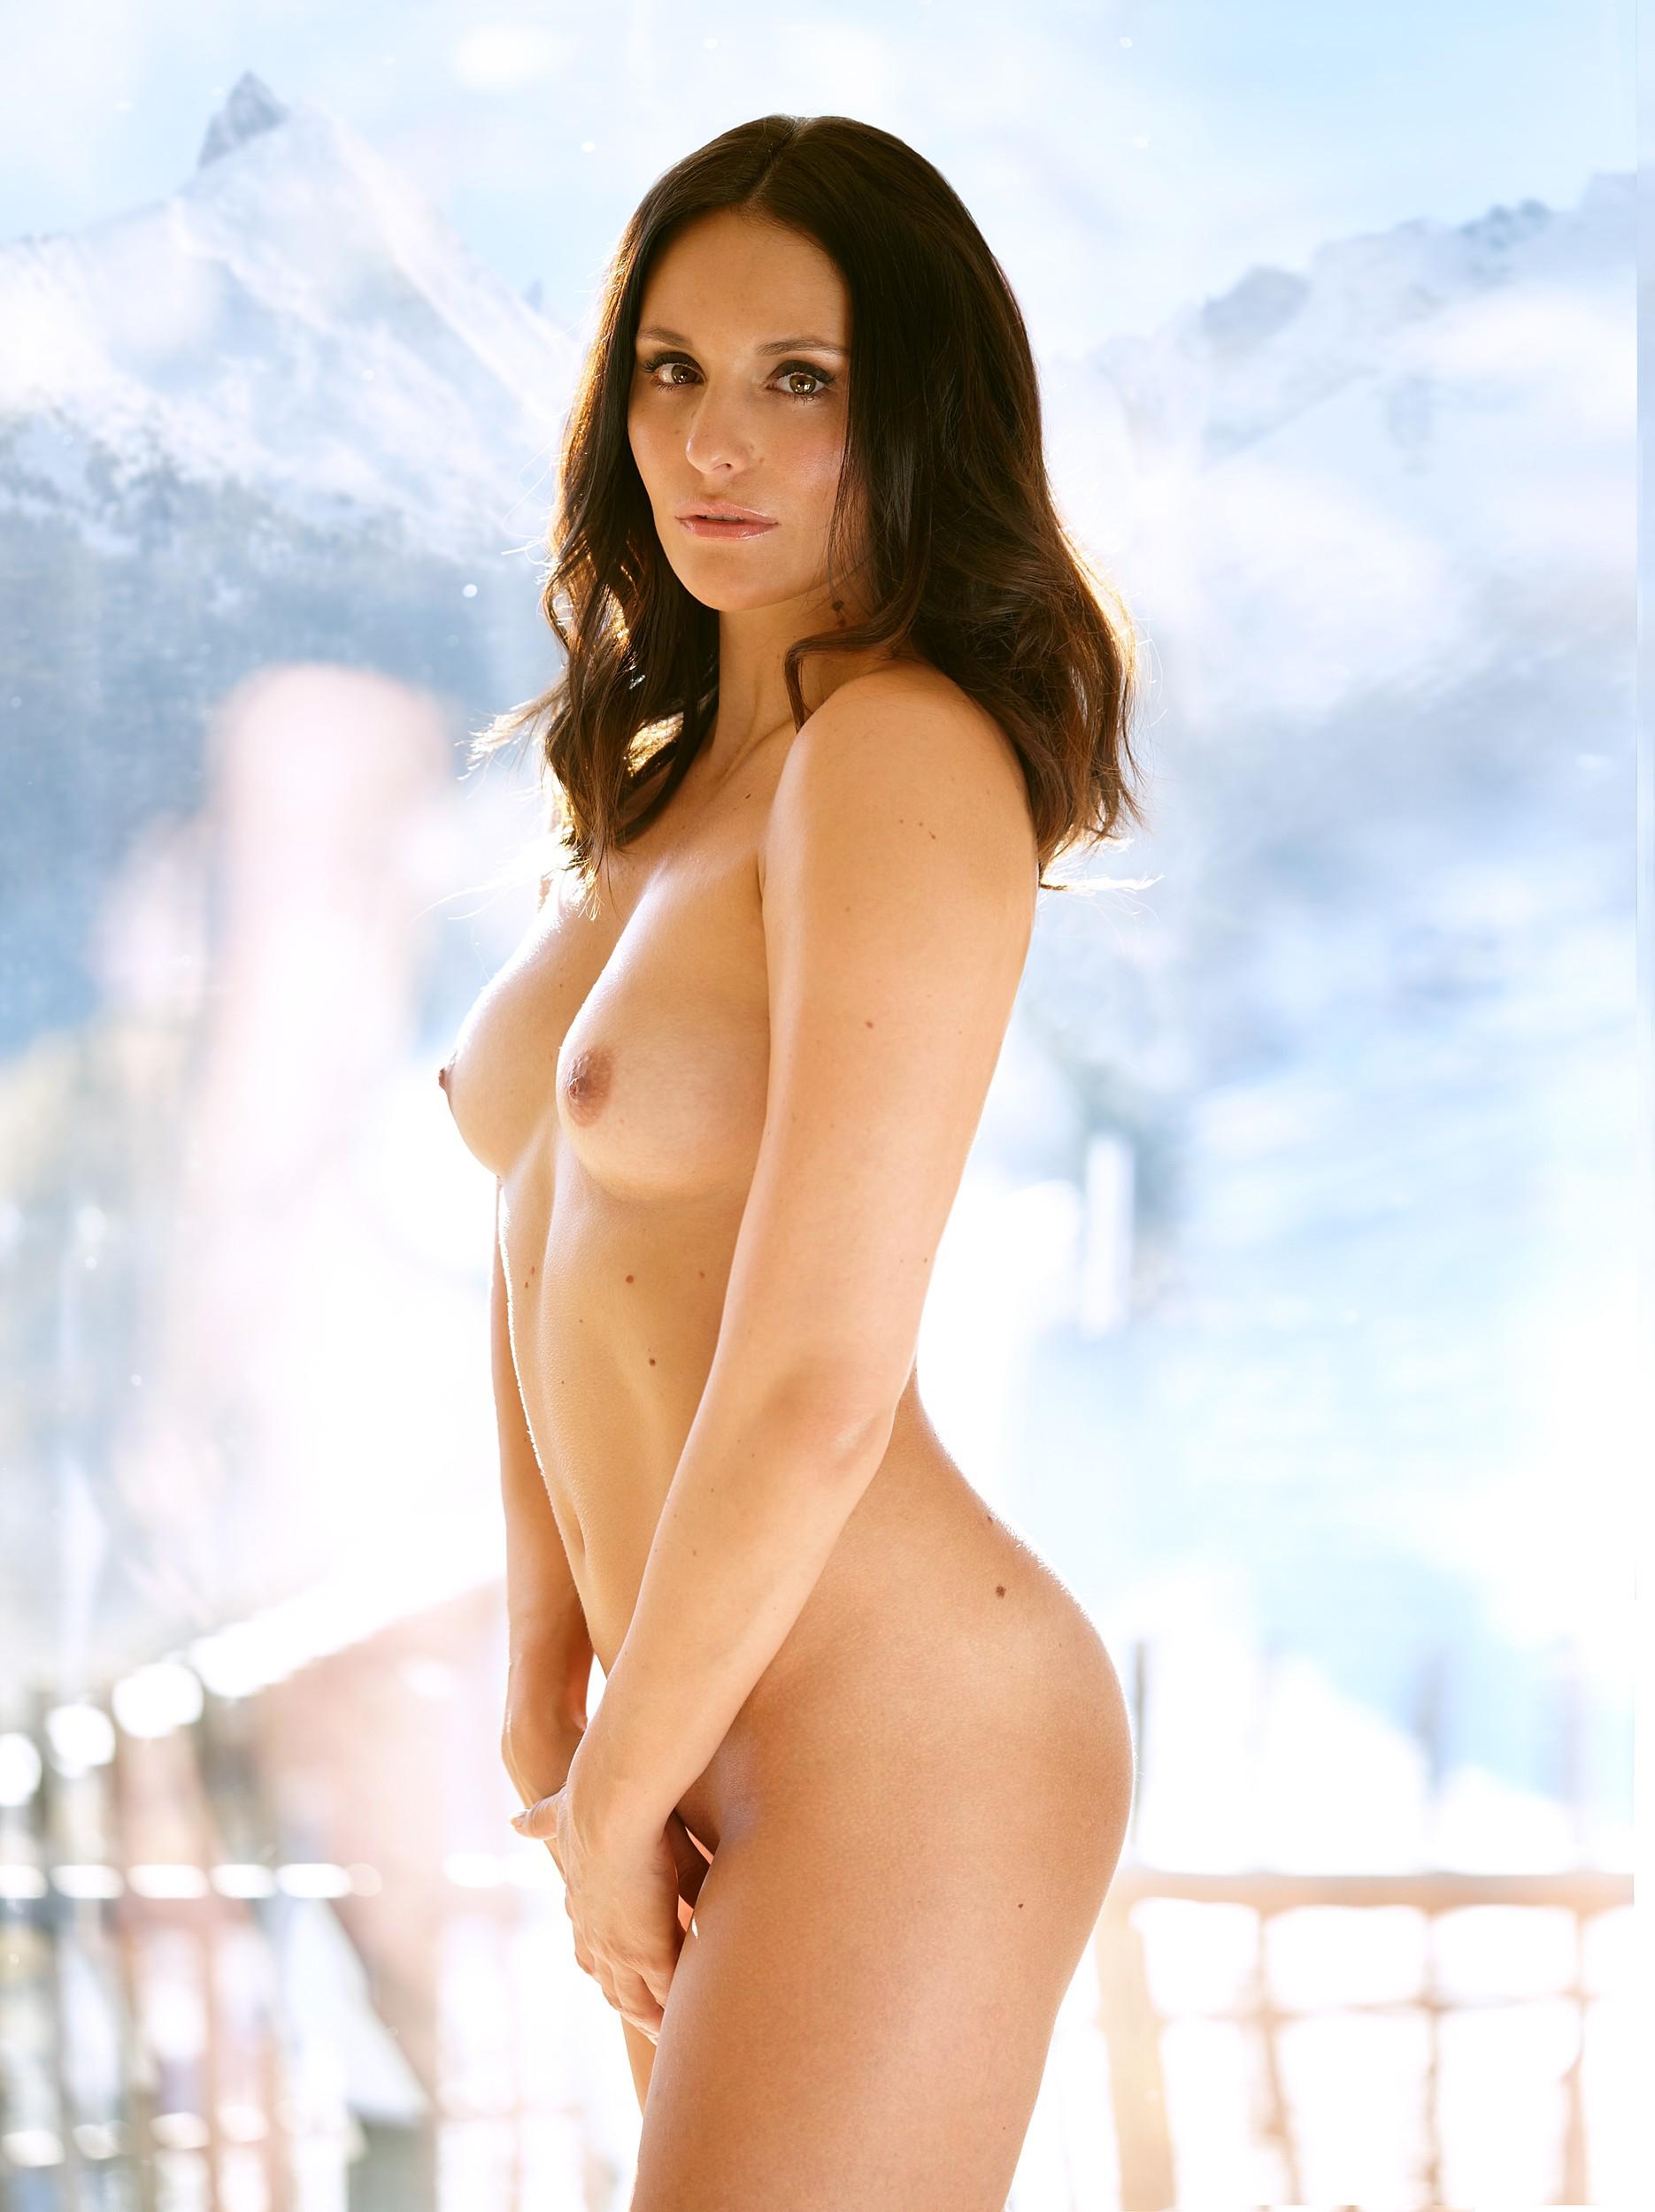 Christina-Geiger-Nude-Sexy-9